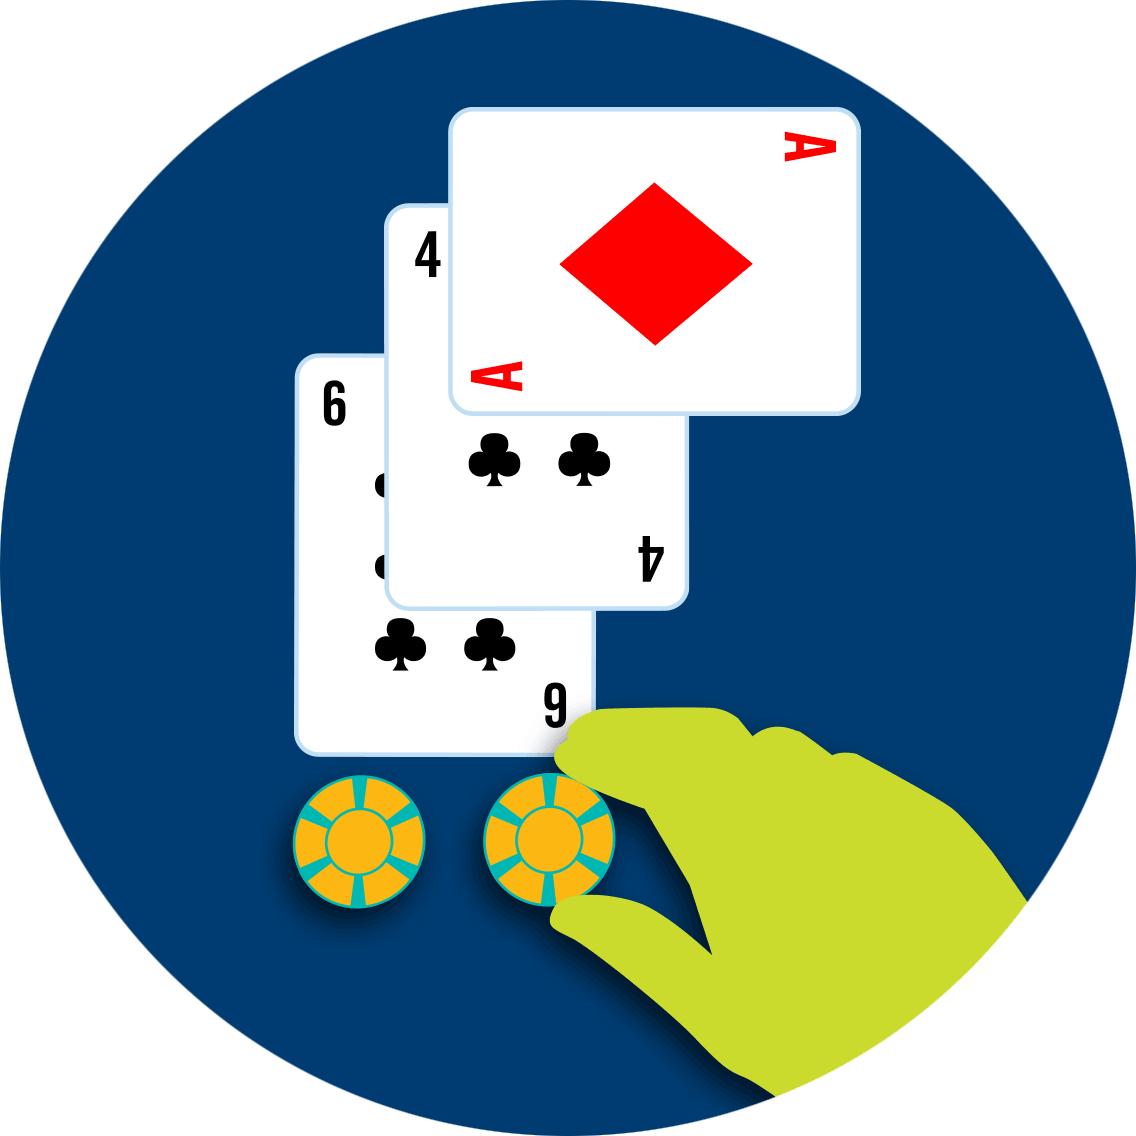 一疊籌碼被放在桌上,雙倍下注於第三張牌的方塊A。